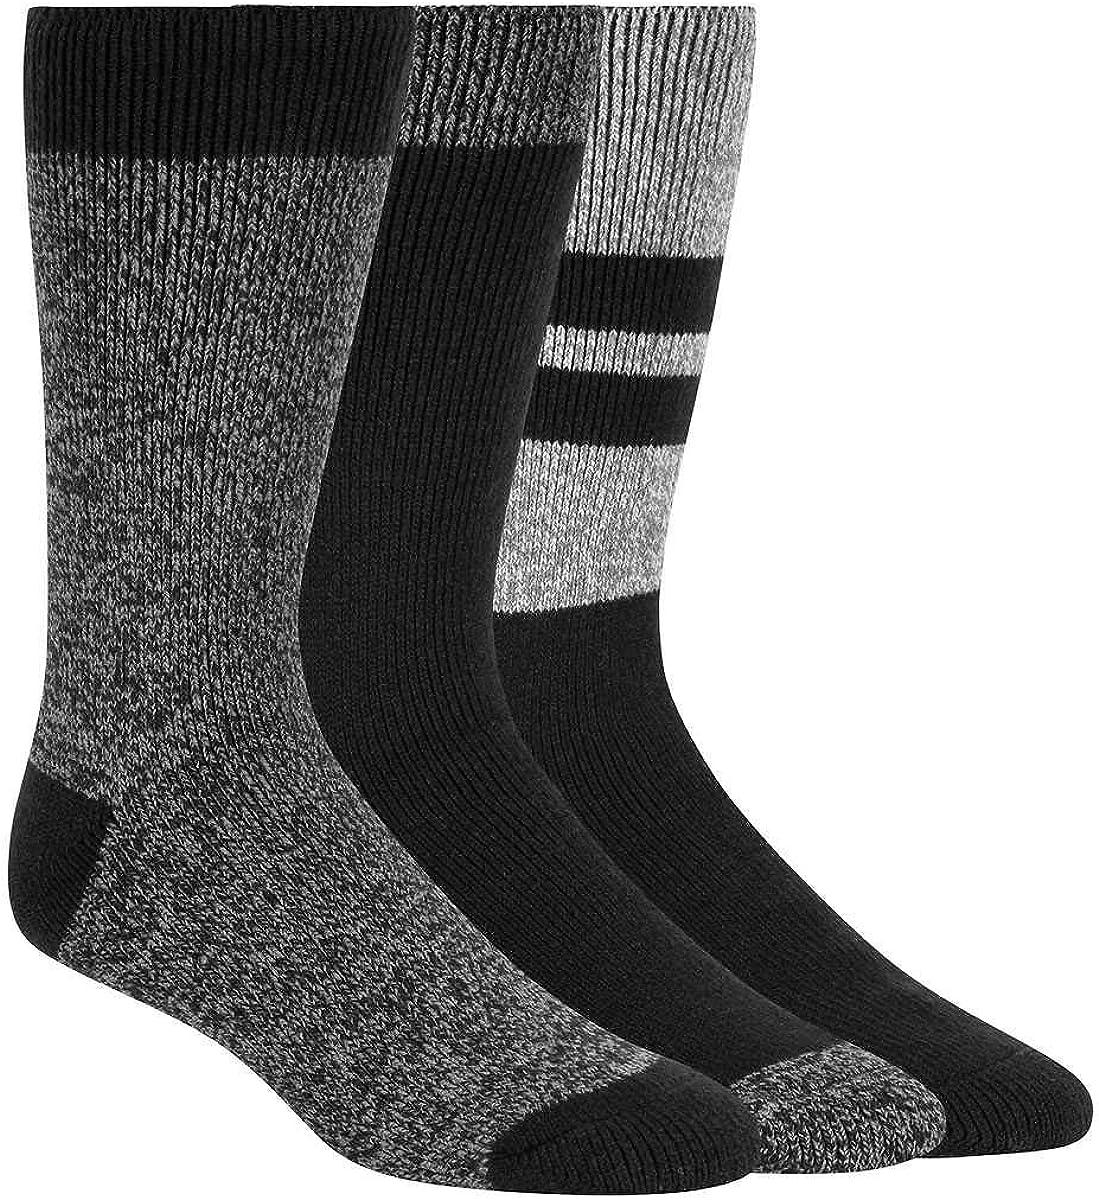 Weatherproof Men's Ultimate Thermal Crew Socks, Black, 3 Pairs